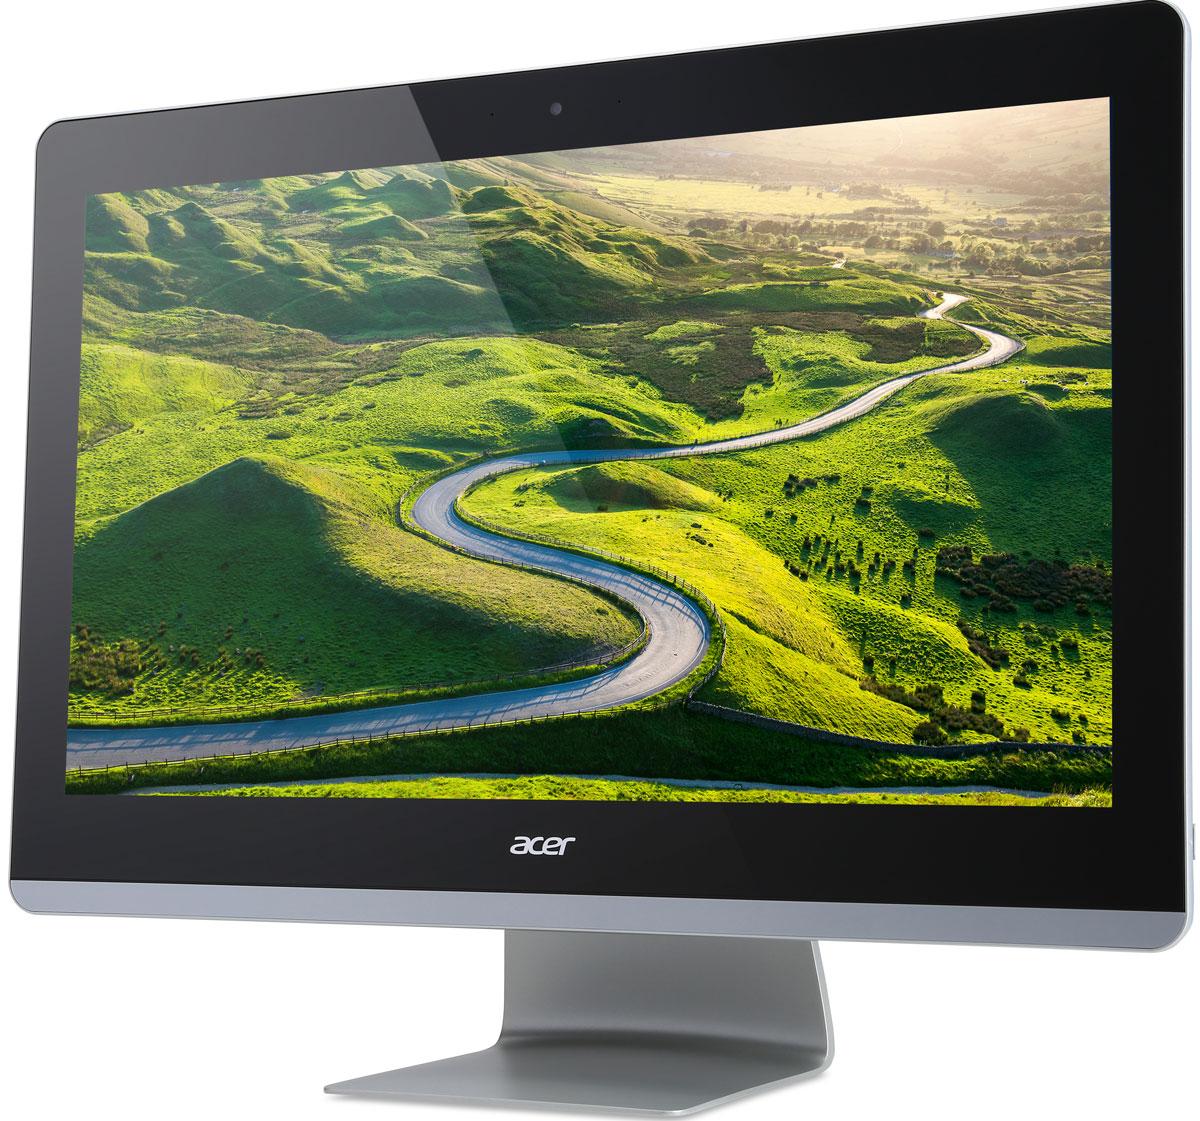 Acer Aspire Z3-715, Black моноблок (DQ.B2XER.002)DQ.B2XER.002Acer Aspire Z3-715 - универсальный компьютер, который позволяет наслаждаться играми и фильмами в кинематографическом качестве, не выходя из дома, благодаря 23,8-дюймовому экрану Full HD и фронтальным Hi-Fi динамикам Dolby Digital Plus. Стереодинамики с технологией Acer TrueHarmony и Dolby Digital Plus Home Theater обеспечивают превосходное качество звука. С легкостью прослушивайте песни с вашего мобильного устройства с помощью аудиосистемы премиум-класса Aspire Z3, связав два устройства через Bluetooth. 23,8-дюймовый экран Full HD обеспечивает непревзойденную четкость изображения и широкий угол обзора, что делает совместный просмотр еще более приятным. Благодаря реалистичной графике системы управления цветом Acer CineBoost Color Engine вы наслаждаетесь высочайшим в свое классе качеством мультимедиа. Точные характеристики зависят от модификации. Моноблок сертифицирован EAC и имеет русифицированную клавиатуру и Руководство...